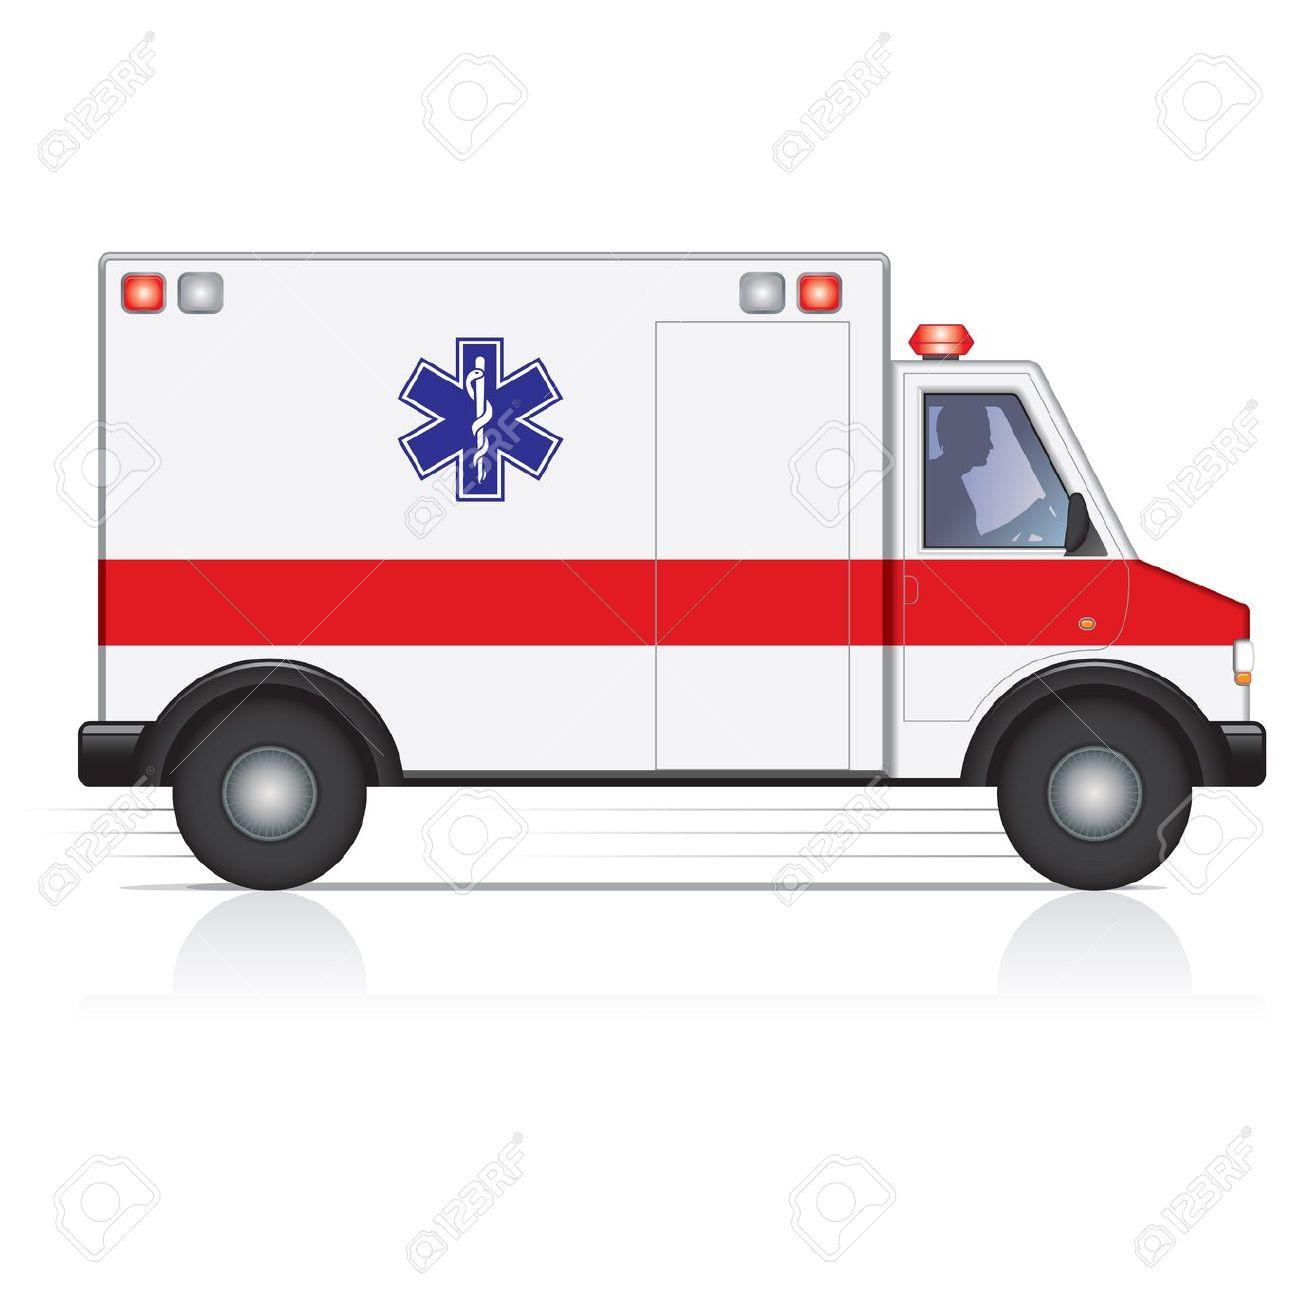 clip art ambulance pictures - photo #22